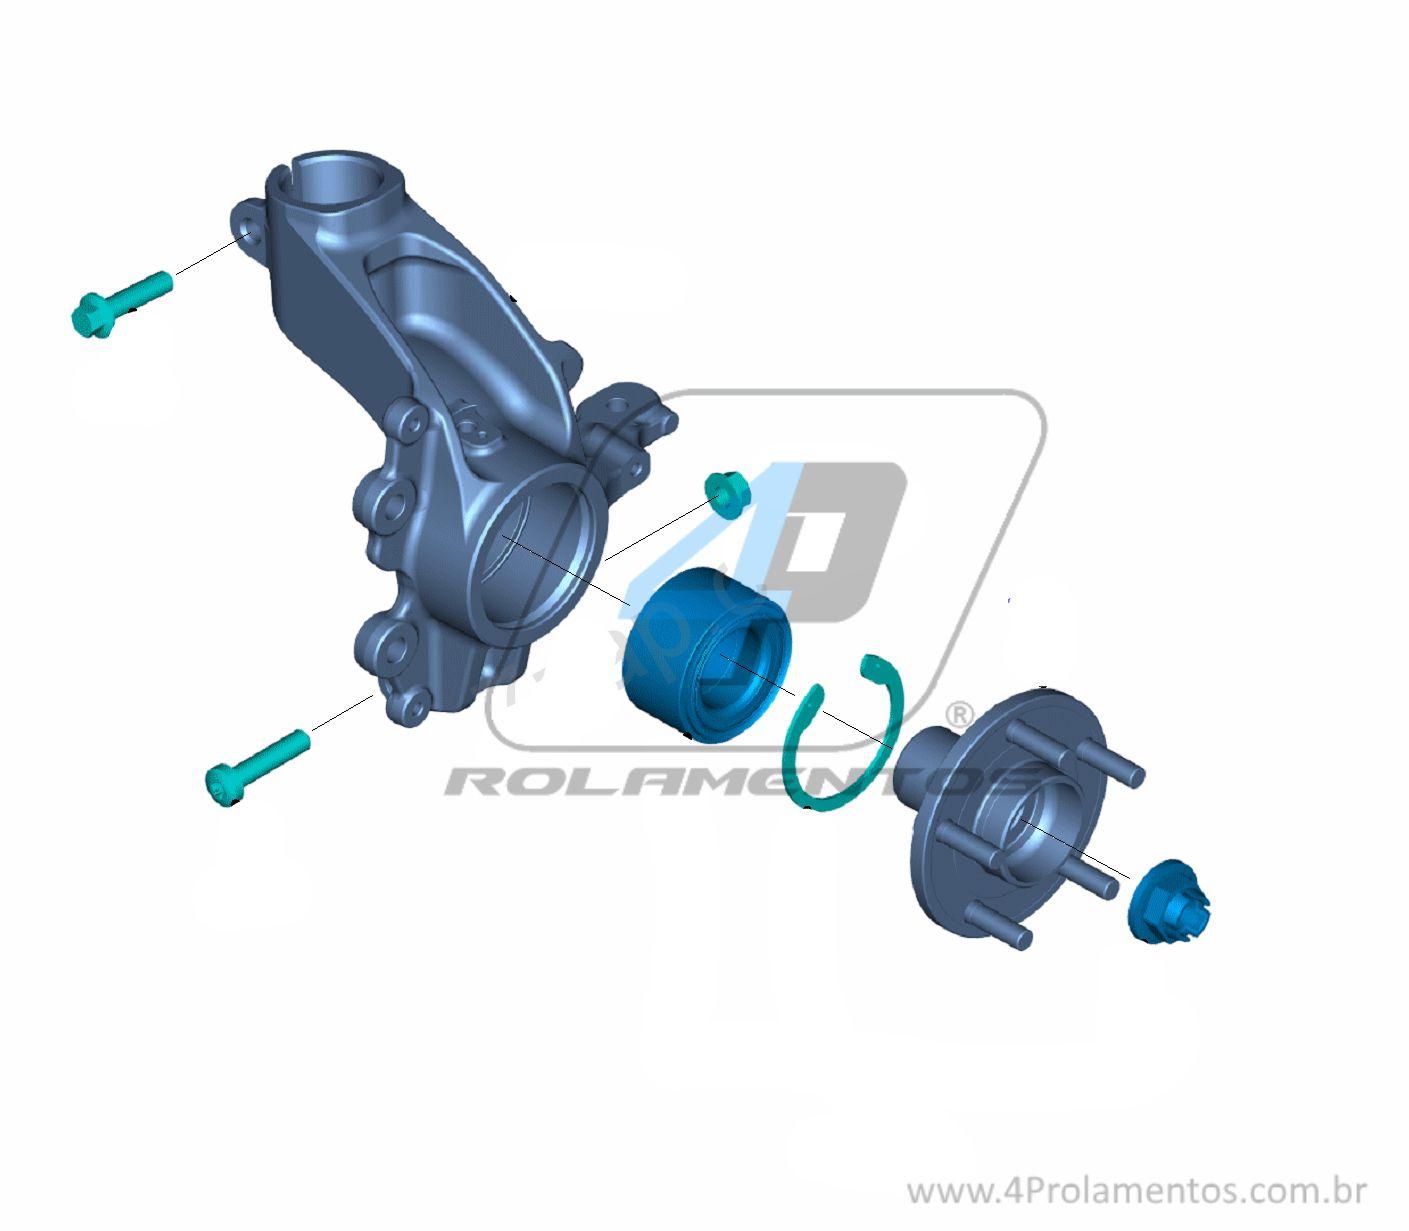 Rolamento de Roda Dianteira FORD Focus 2014 até 2018, com ABS